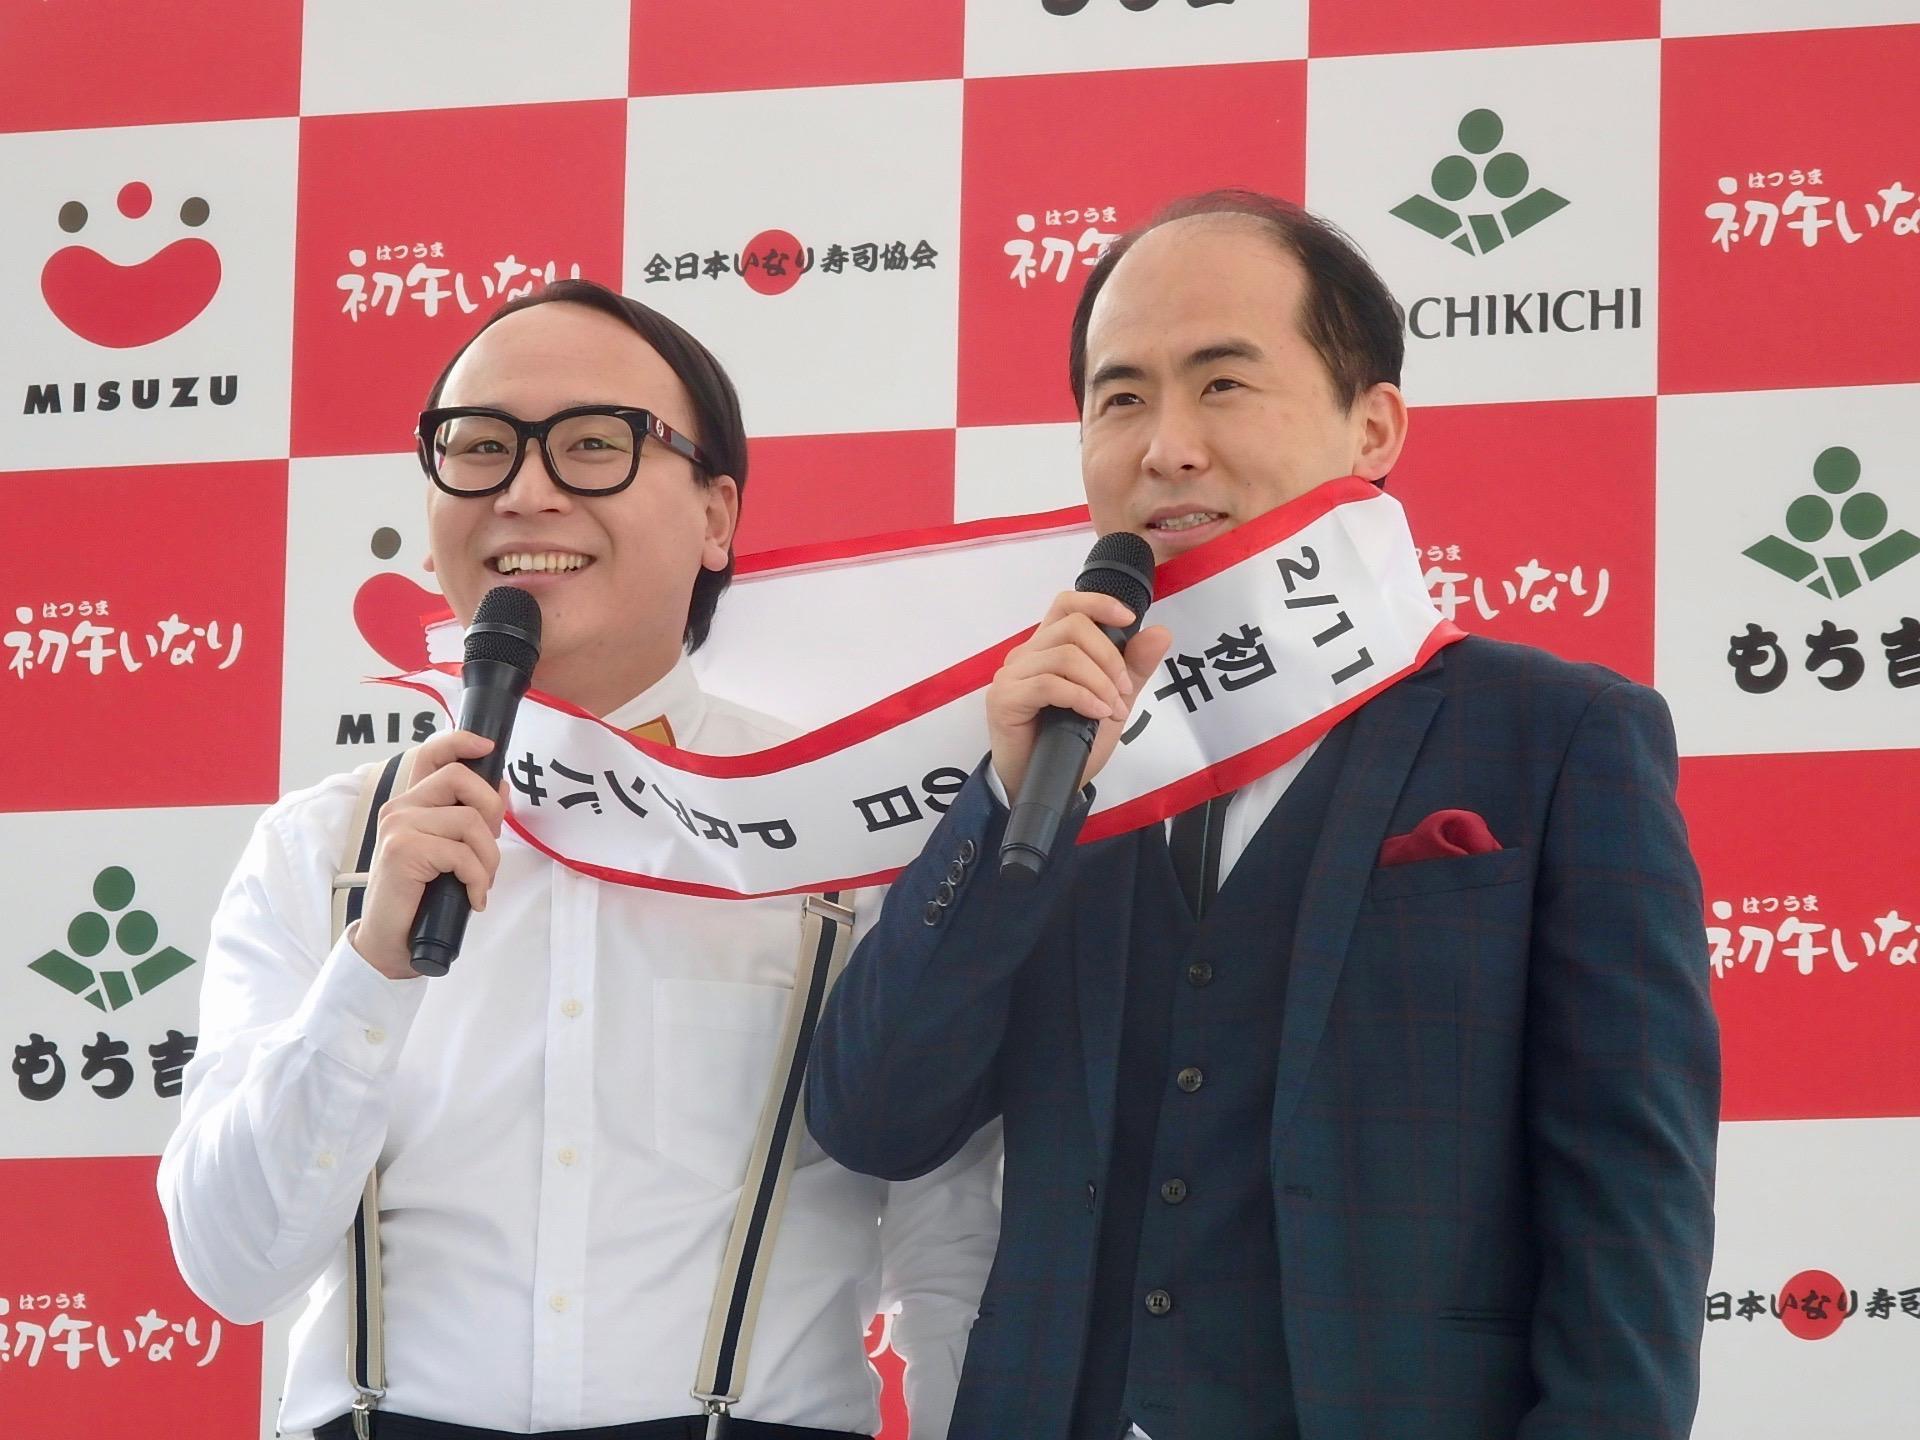 http://news.yoshimoto.co.jp/20180210163503-65eca72e54de6420fccbe9727e3dfe588f7f7429.jpg